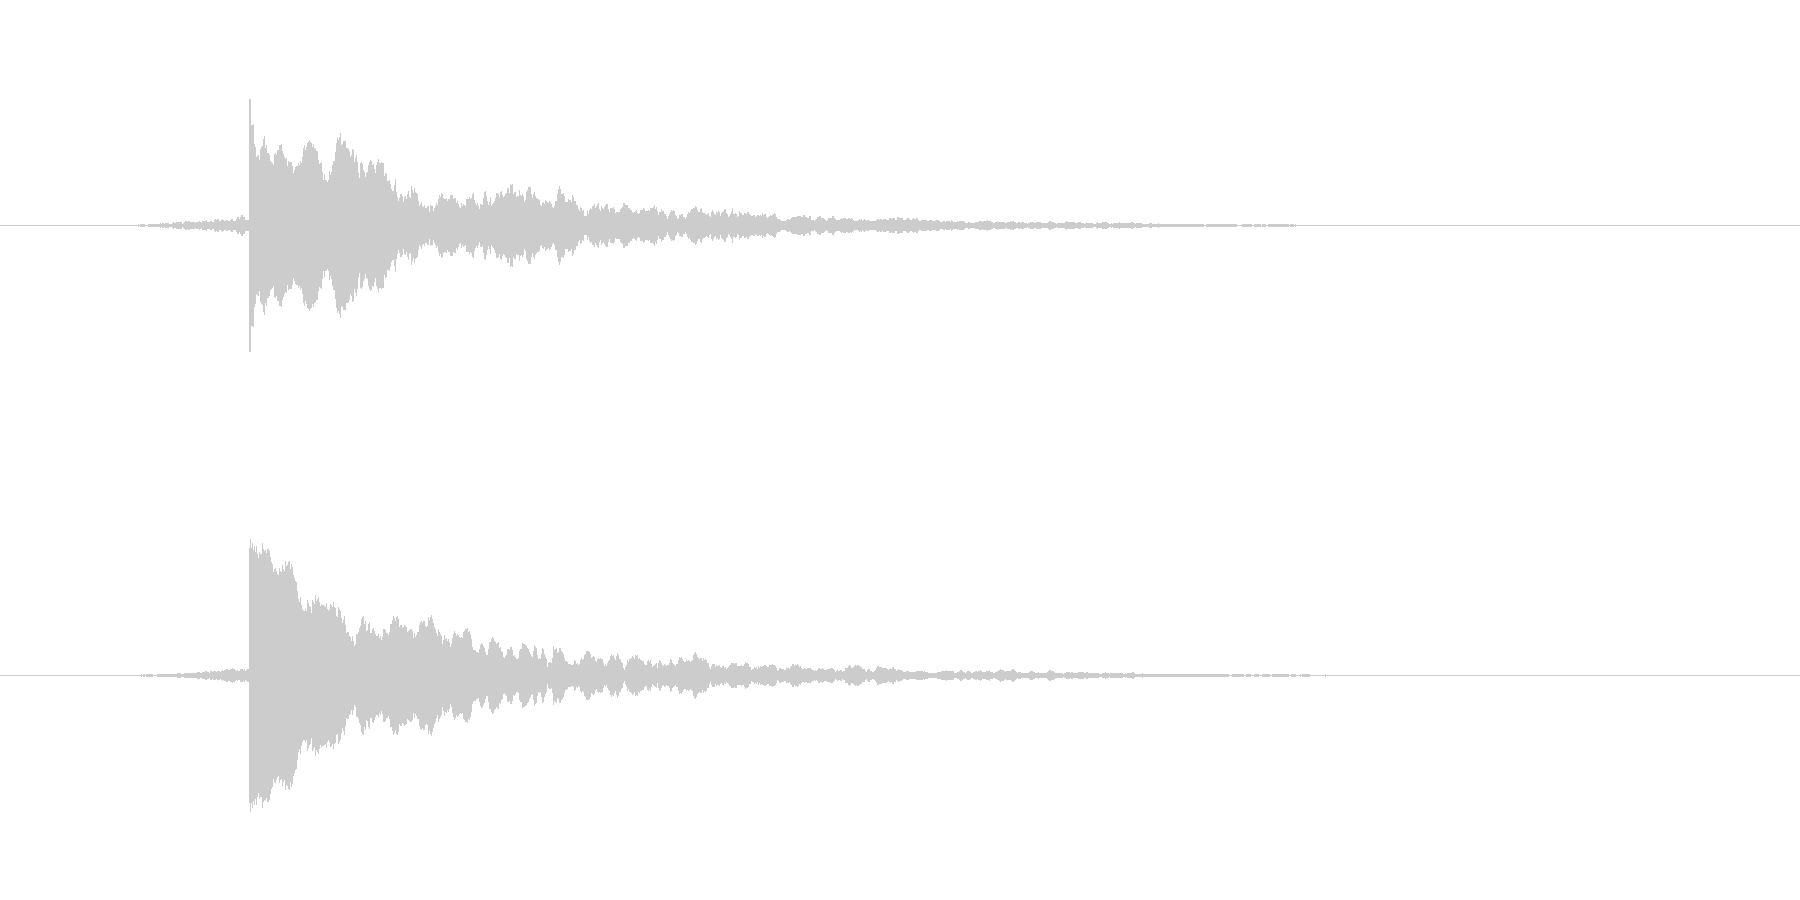 テロップSE チーン 使い易いシリーズの未再生の波形